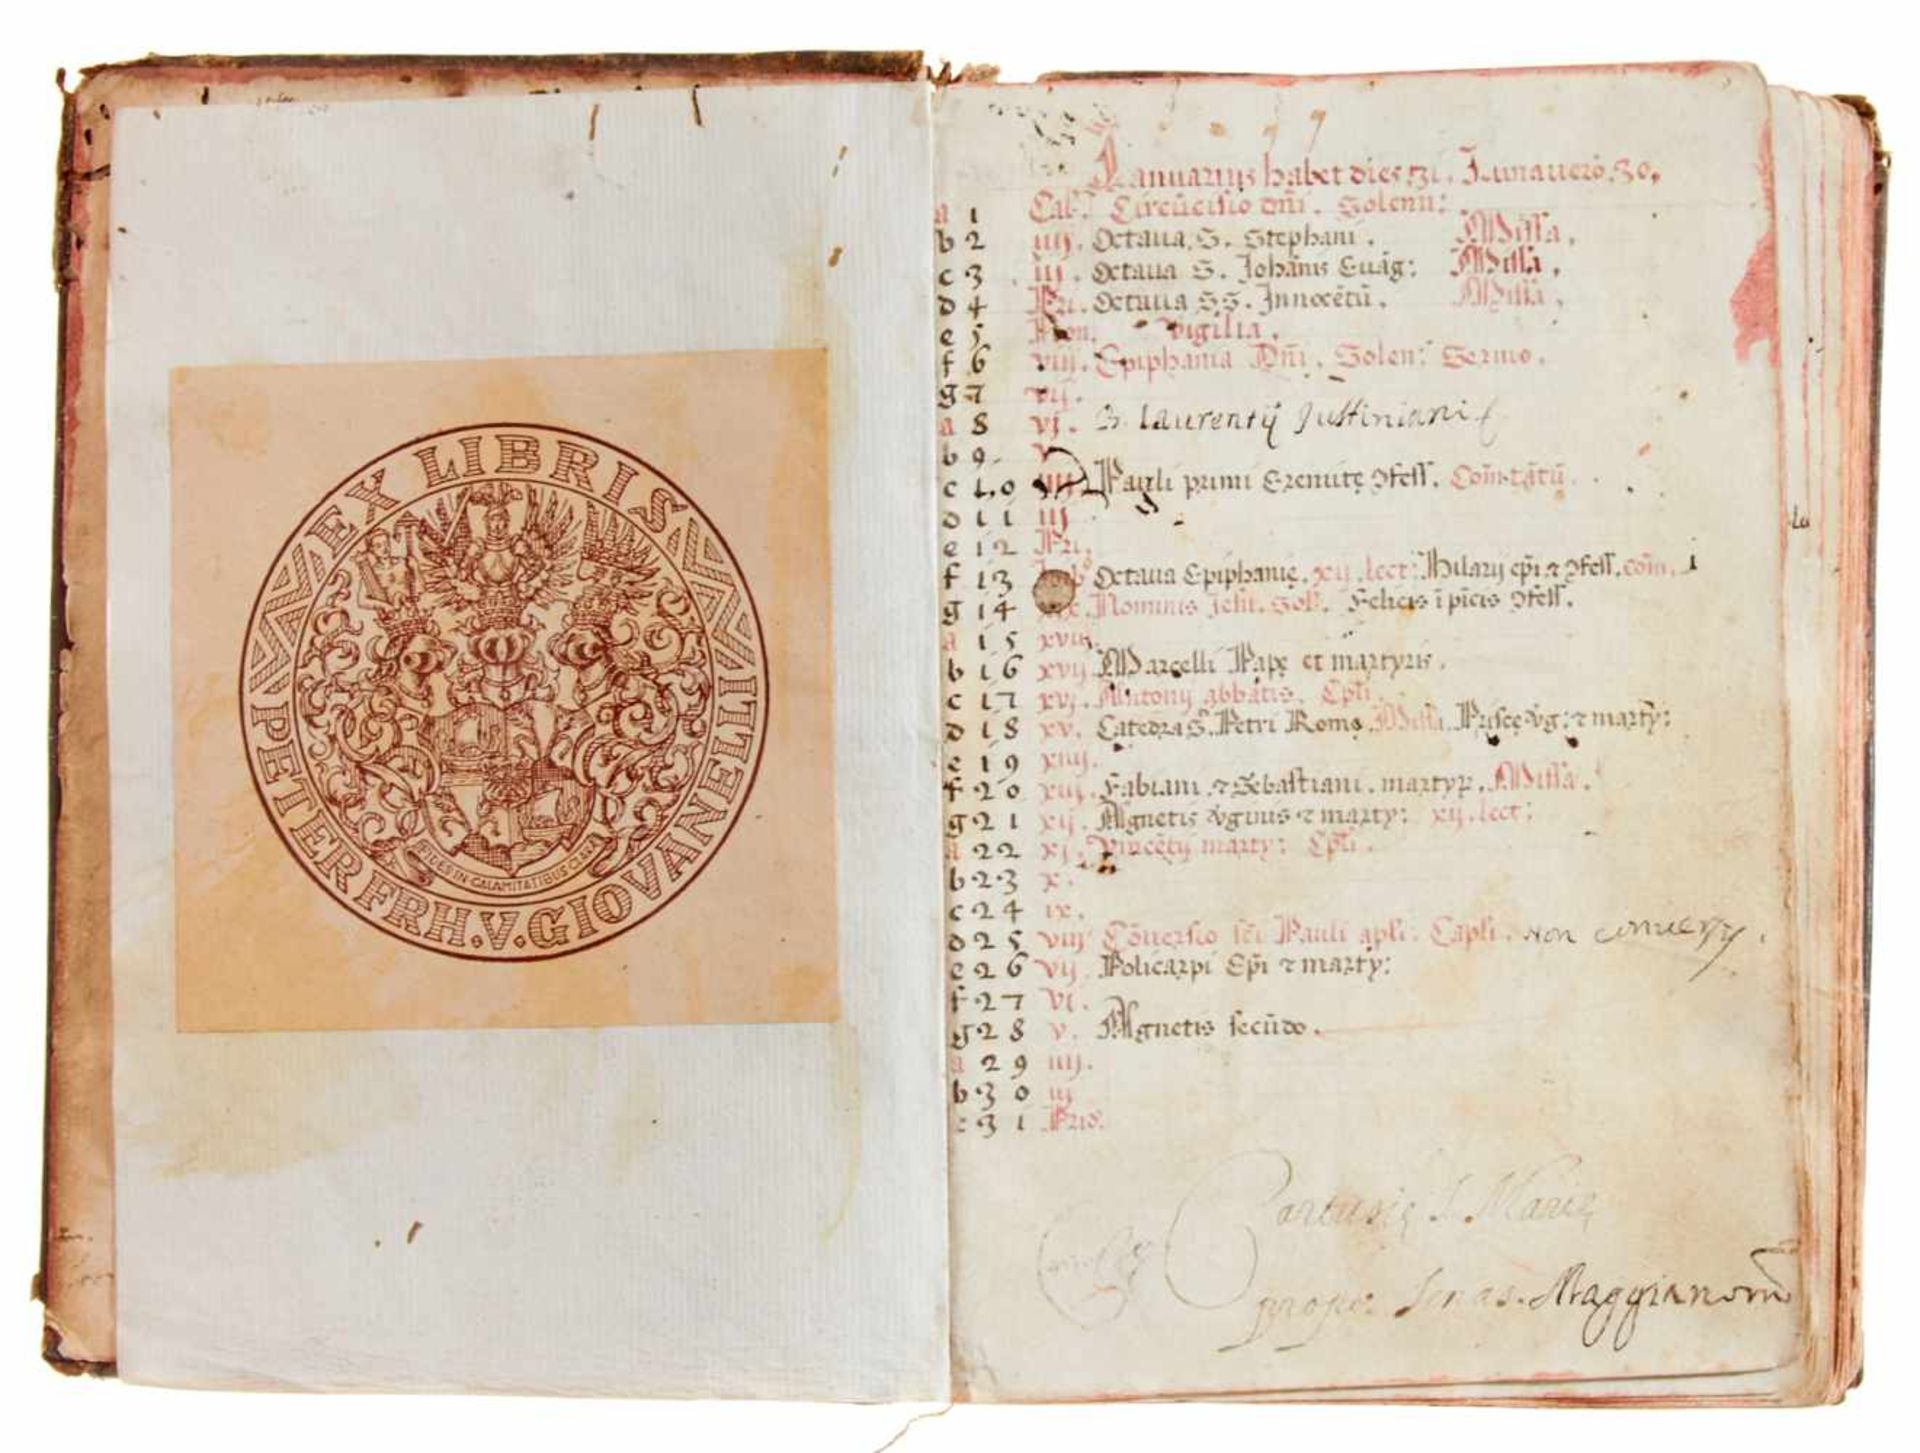 Siena- Antiphonar der Kartause Maggiano. Lateinische Handschrift auf Papier.Dat. Maggiano (Siena), - Bild 2 aus 7